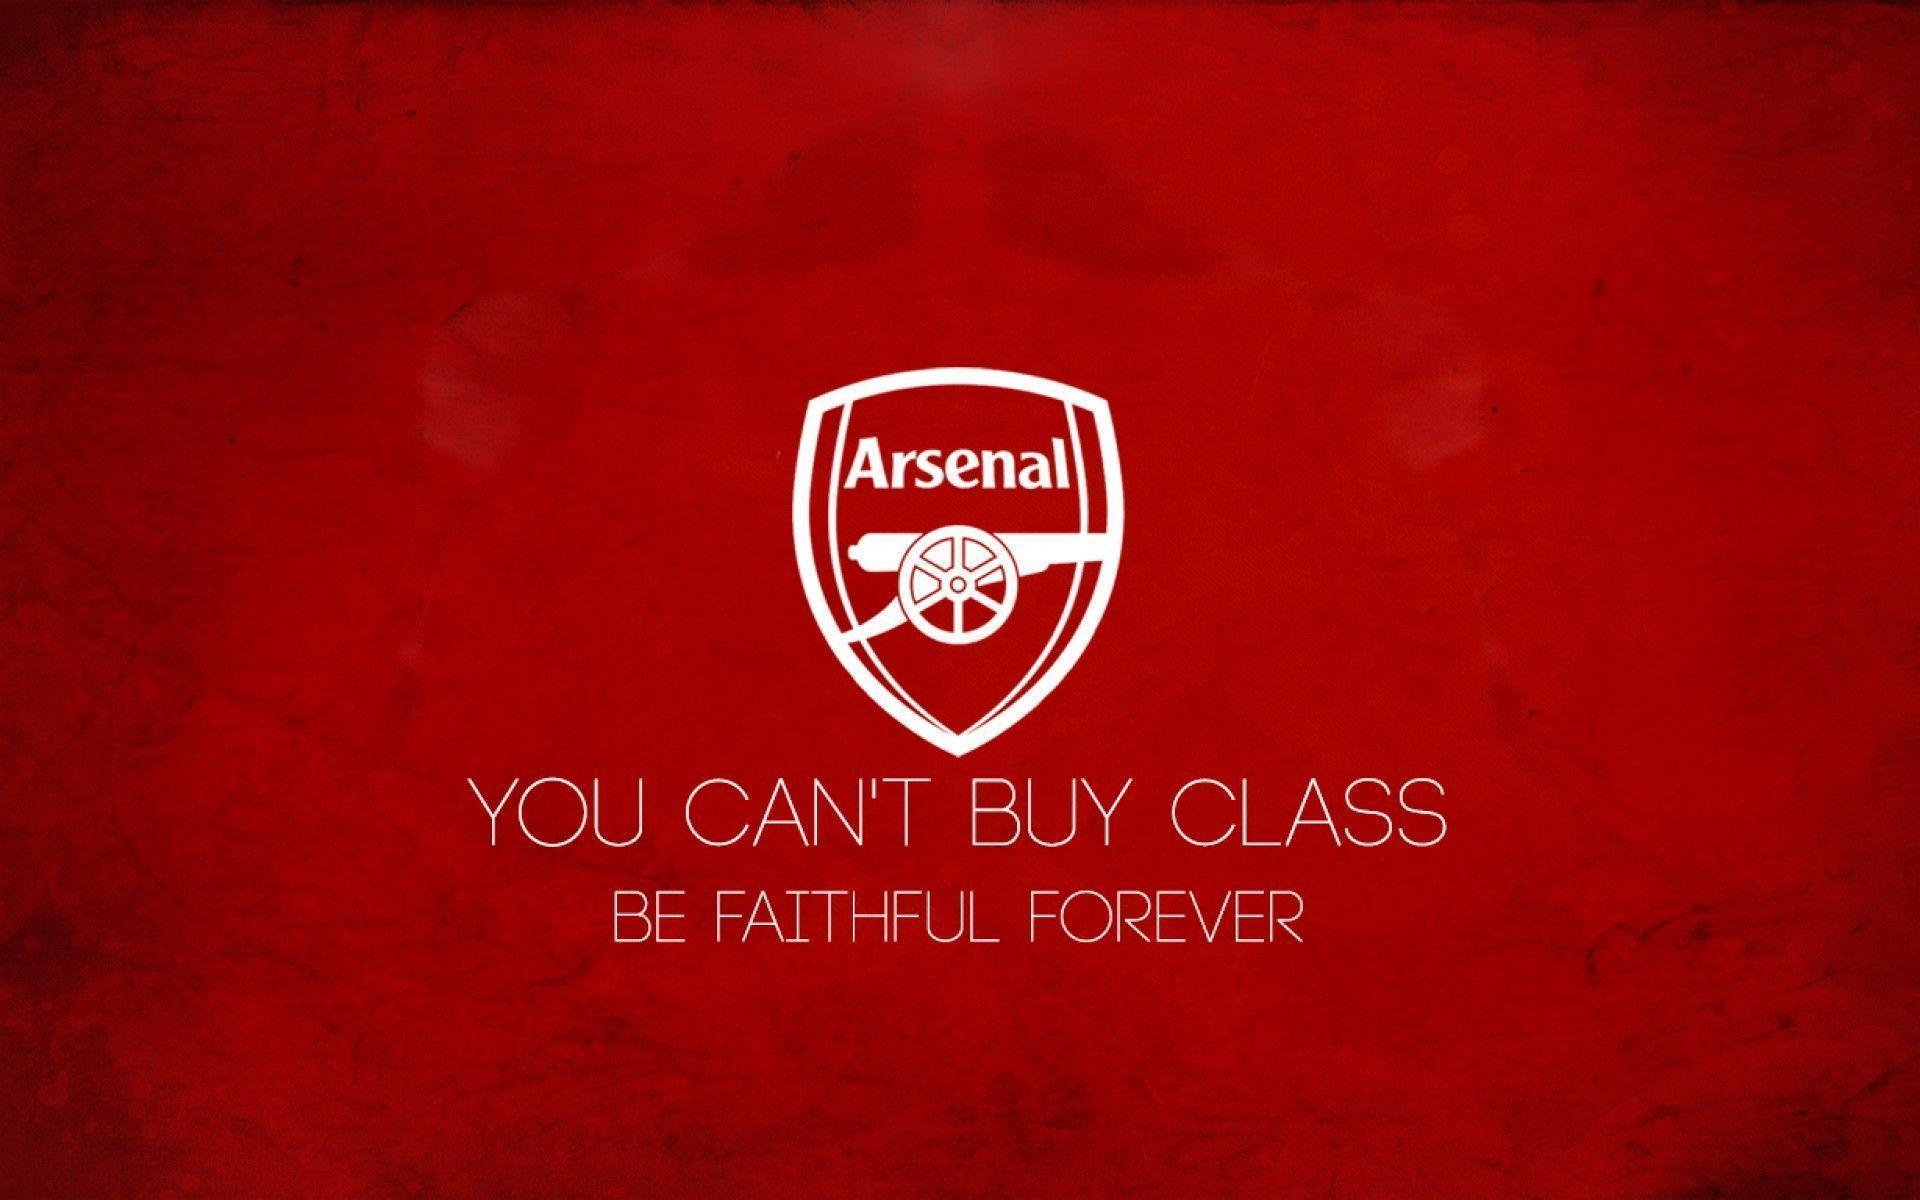 Hình nền Arsenal màu đỏ